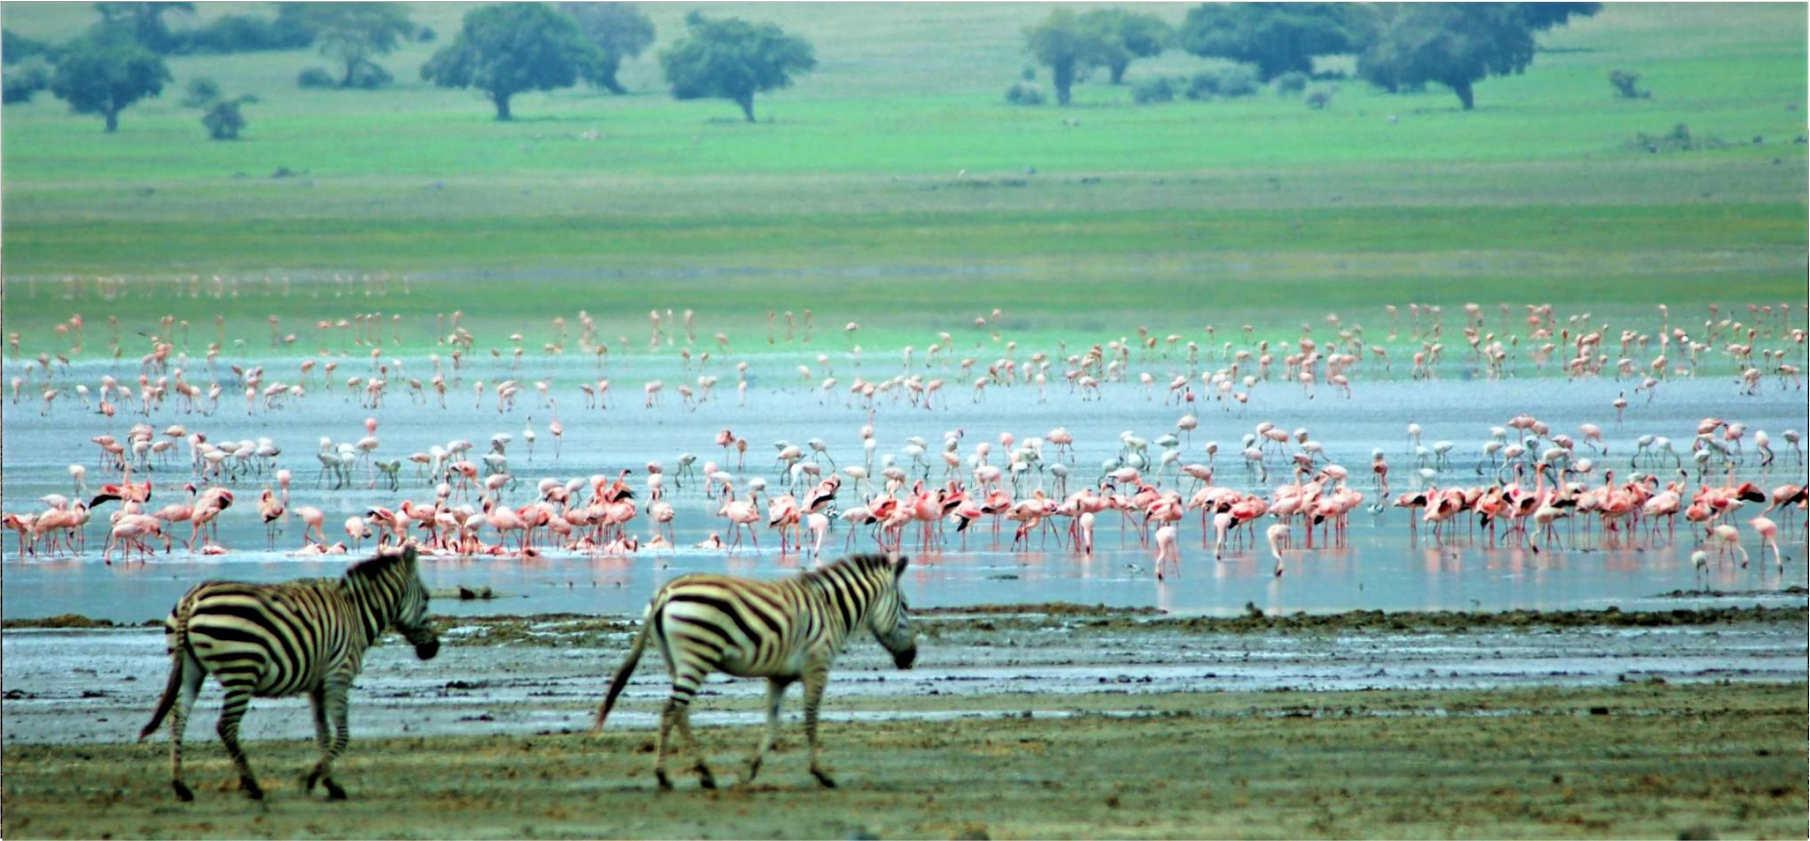 Life Nature Safaris Kenya